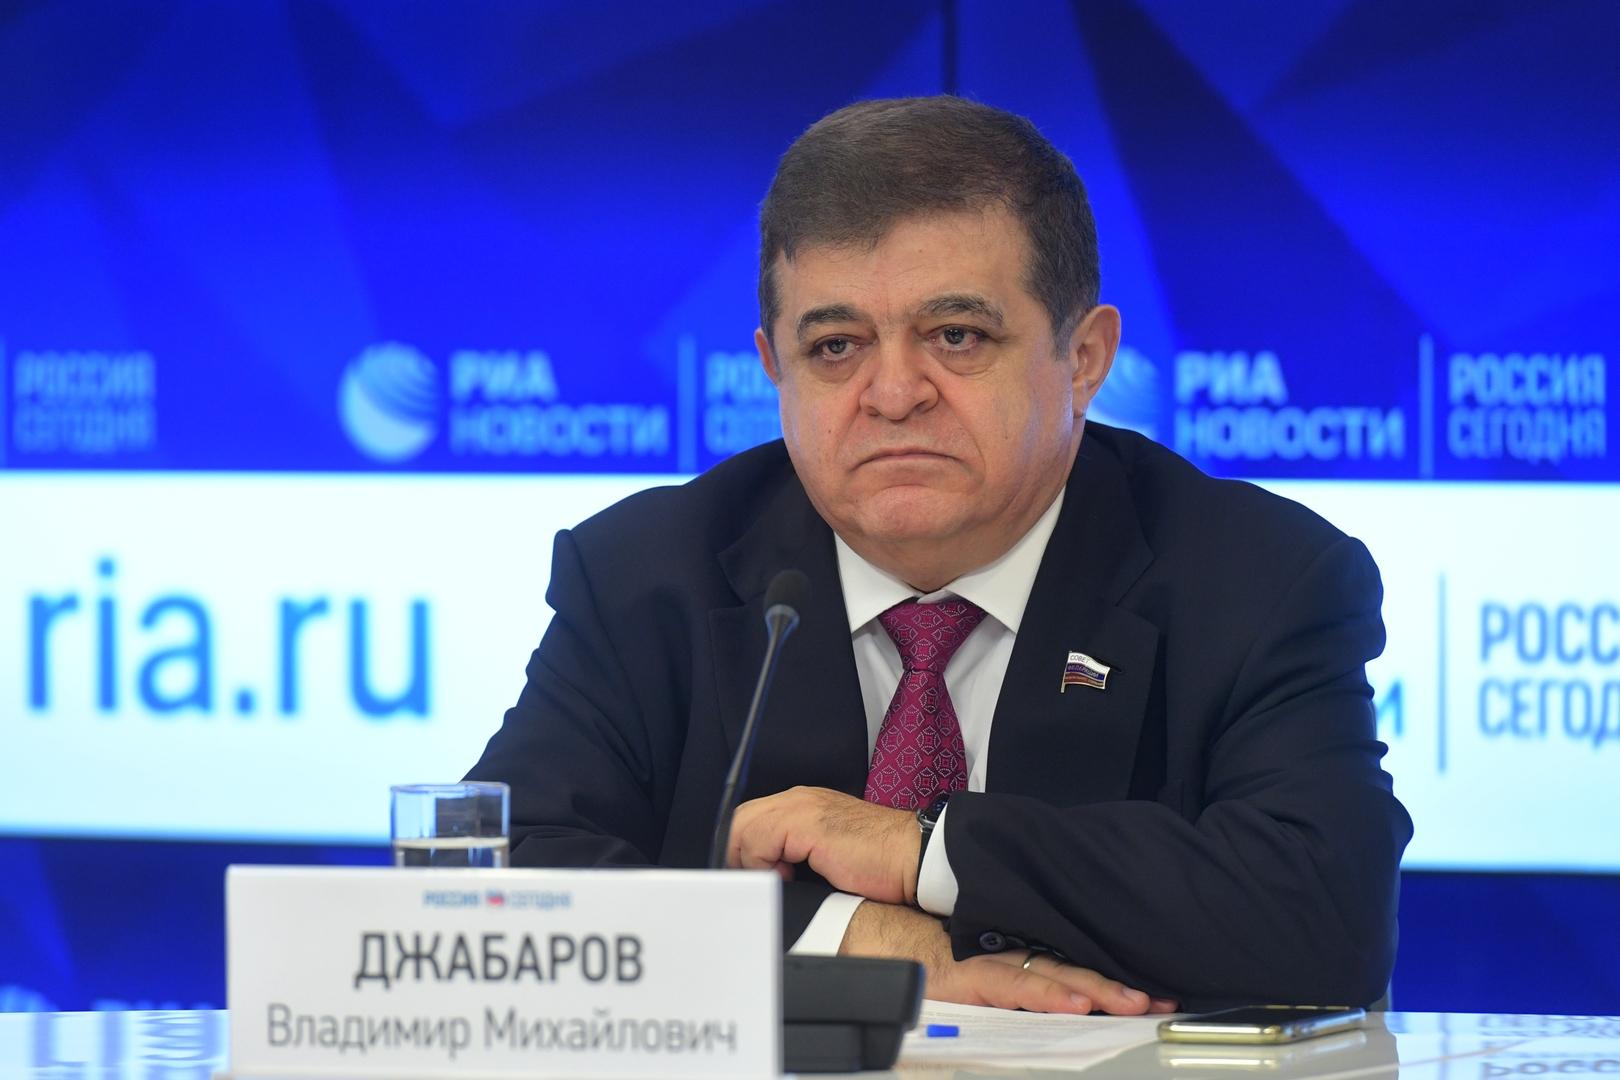 النائب الأول لرئيس لجنة الشؤون الدولية في مجلس الاتحاد الروسي فلاديمير جباروف